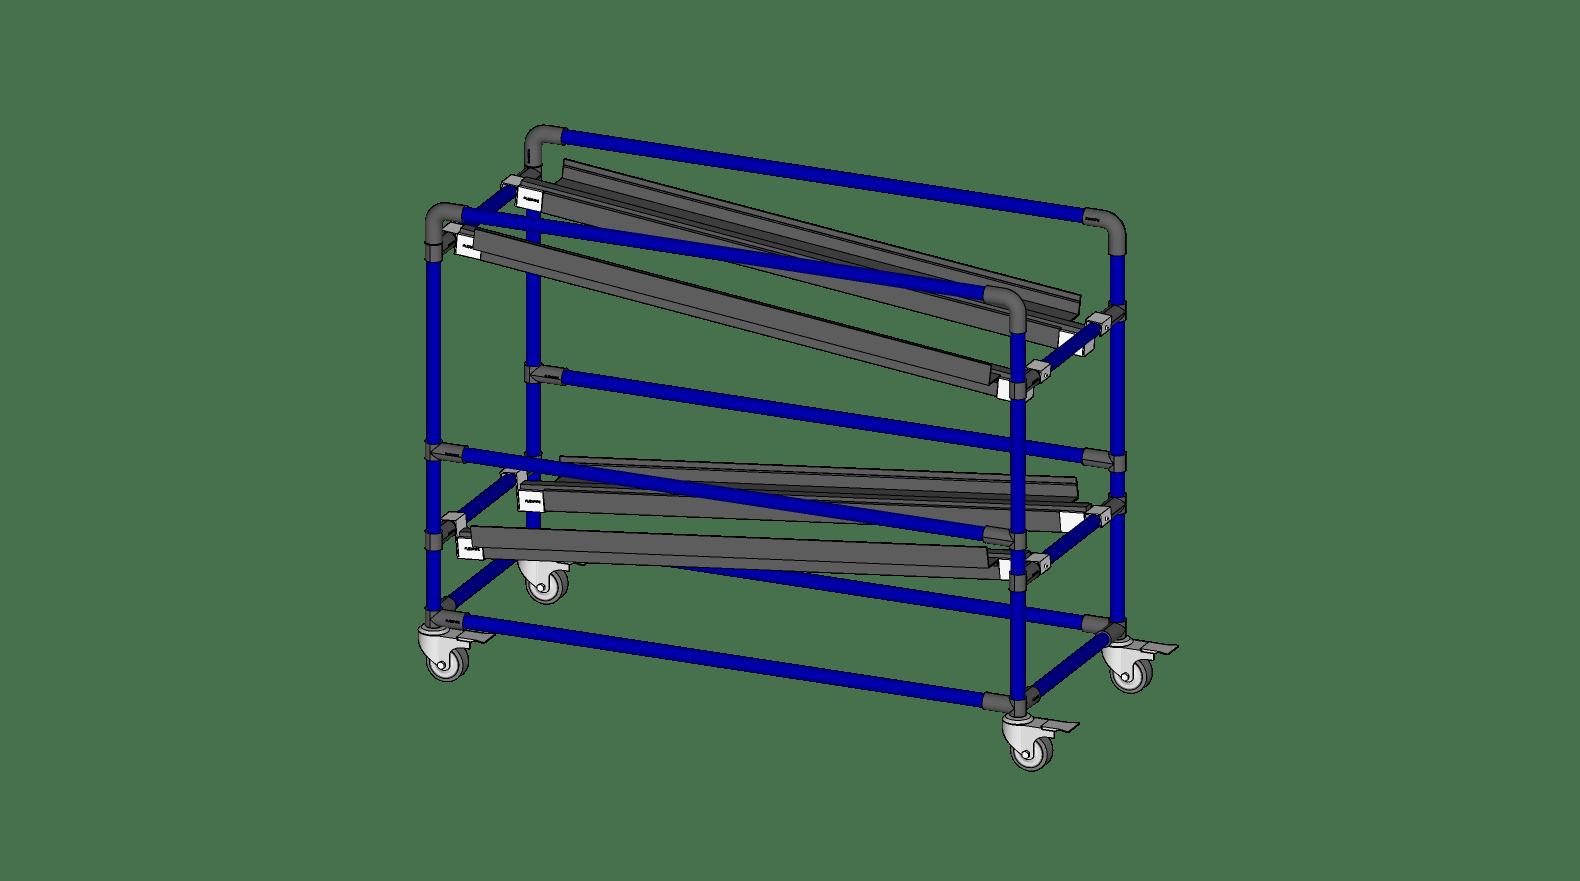 Étagère à gravité - 2 étages